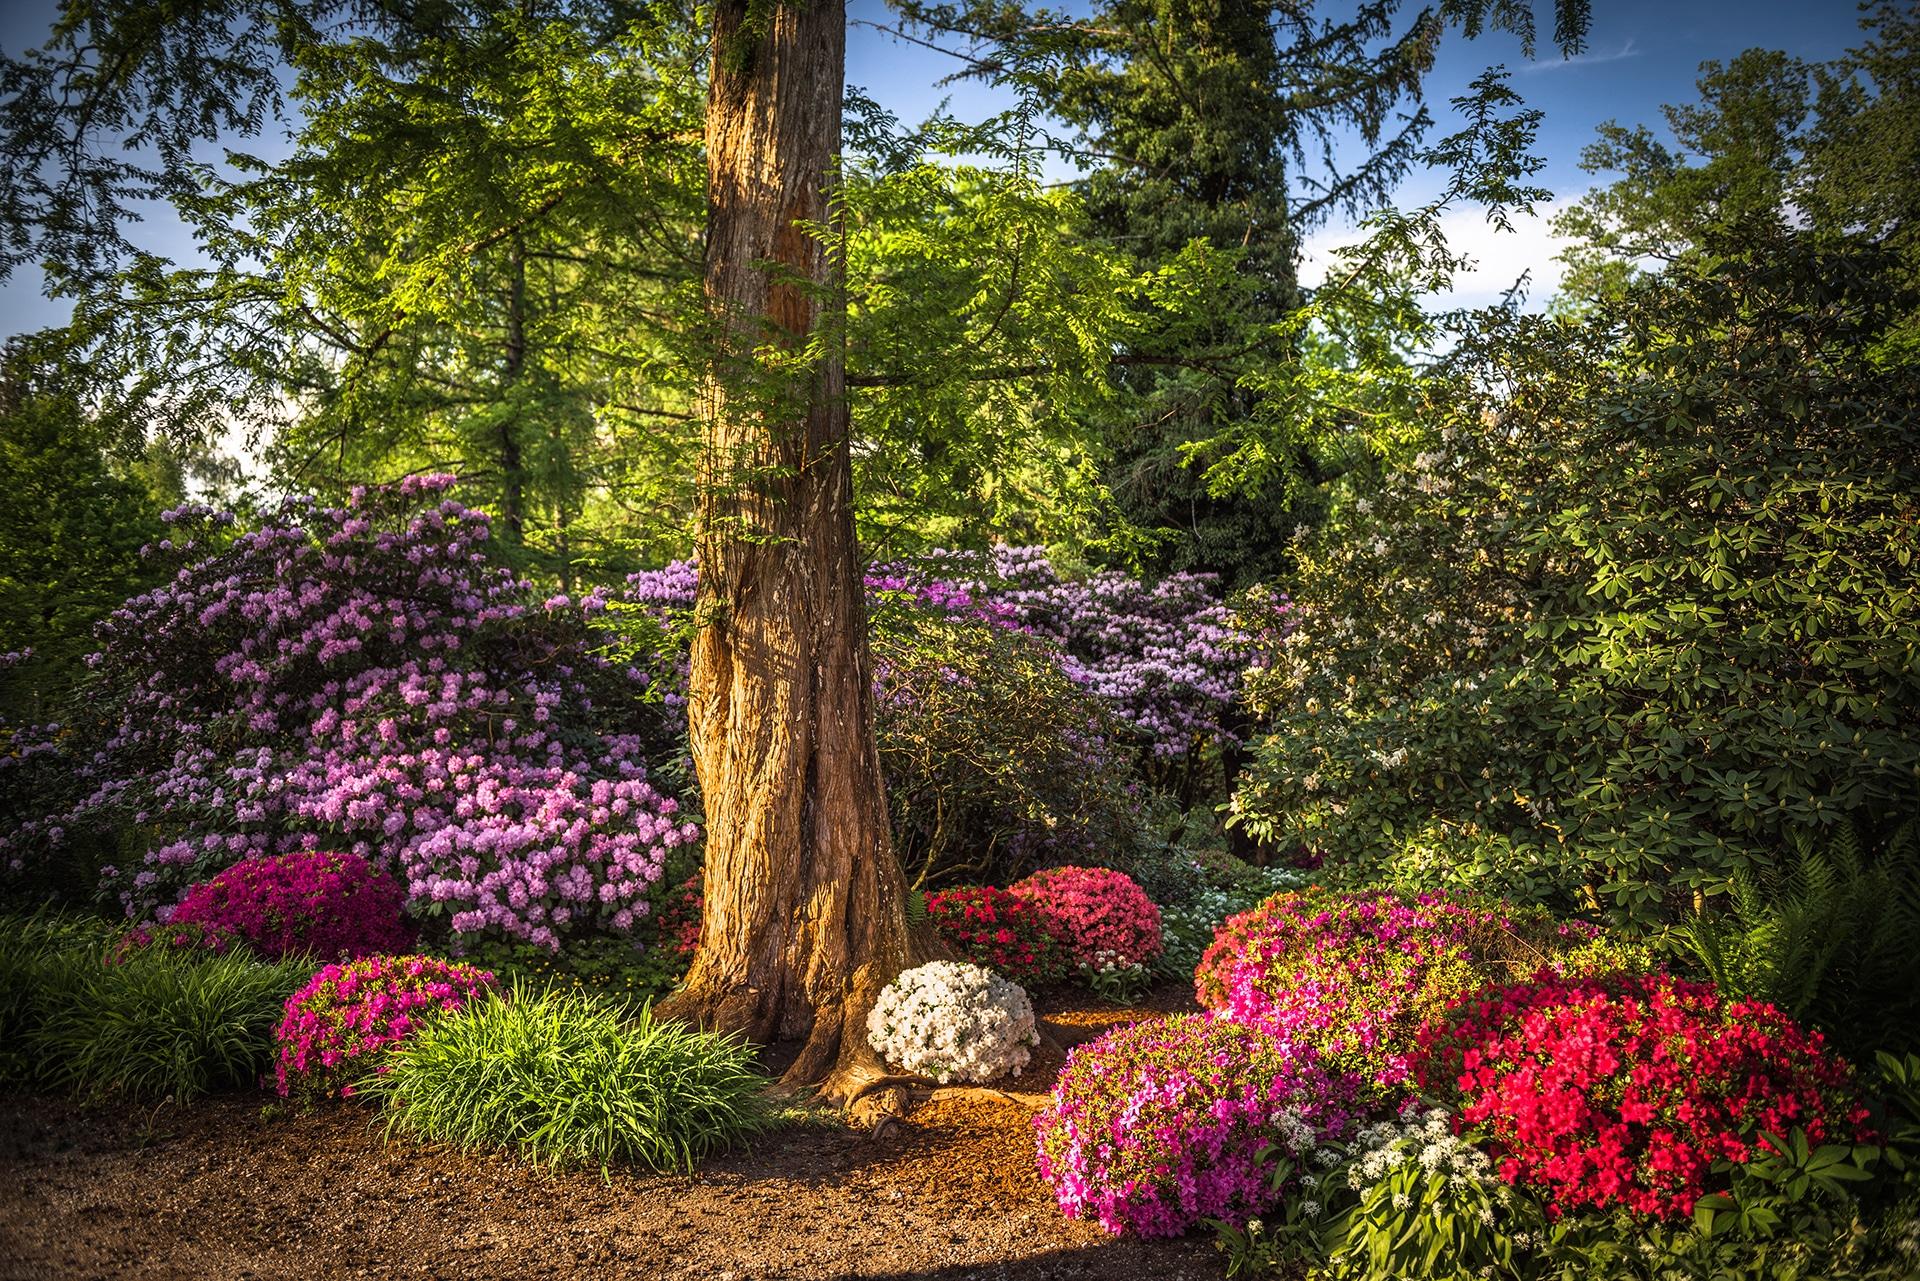 gardendesign-landscaping-japanese-azalea-zug-zurich